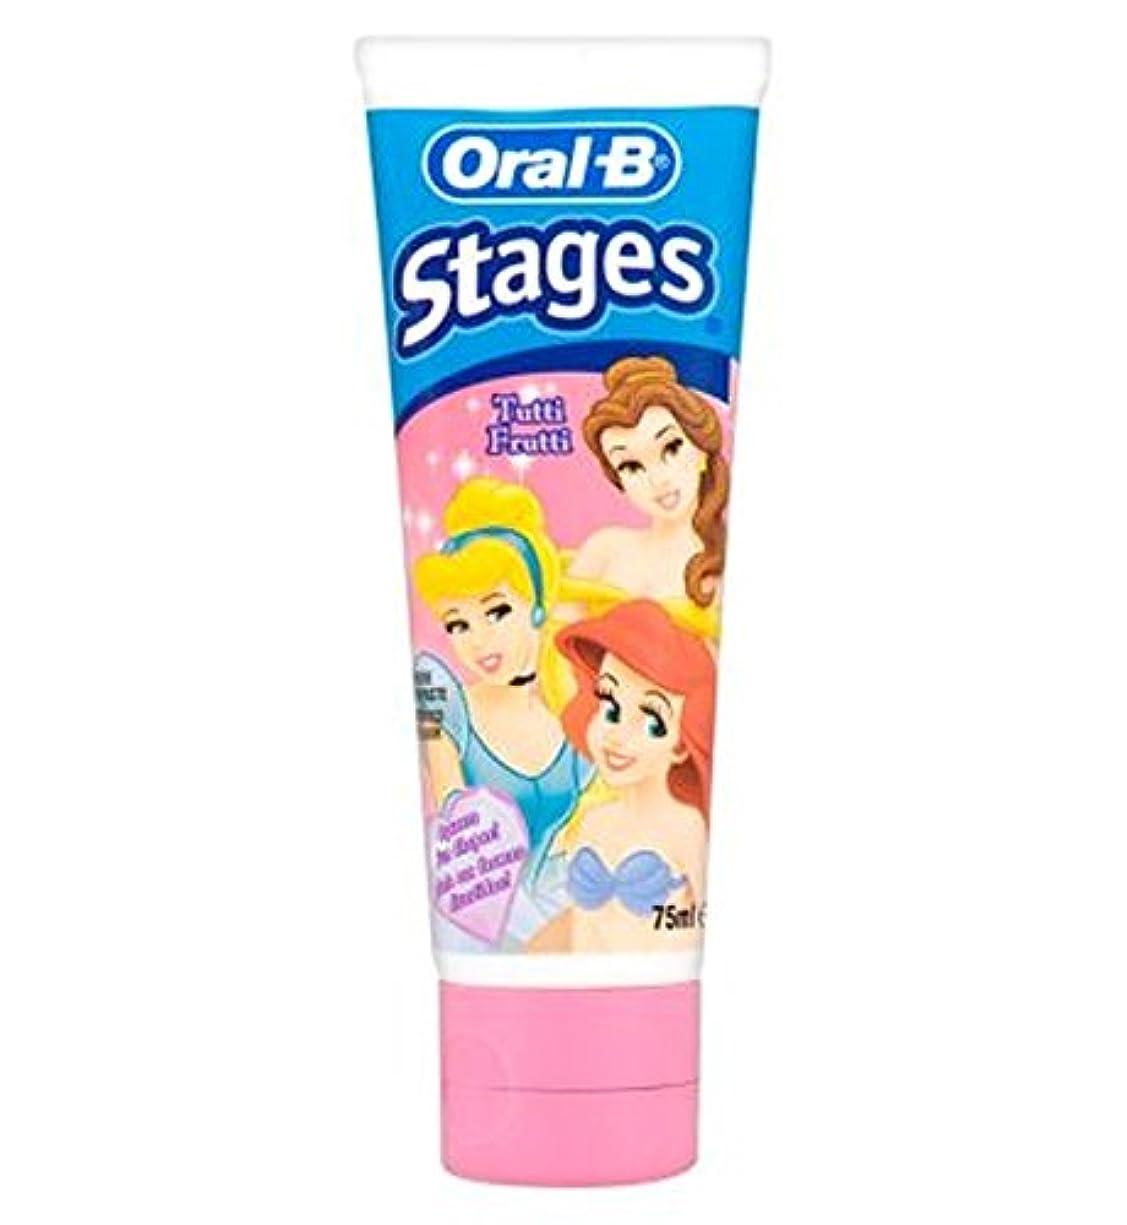 分岐するサイト割り当てOral-B Stages Toothpaste 75ml - オーラルBは、歯磨き粉の75ミリリットルをステージ (Oral B) [並行輸入品]